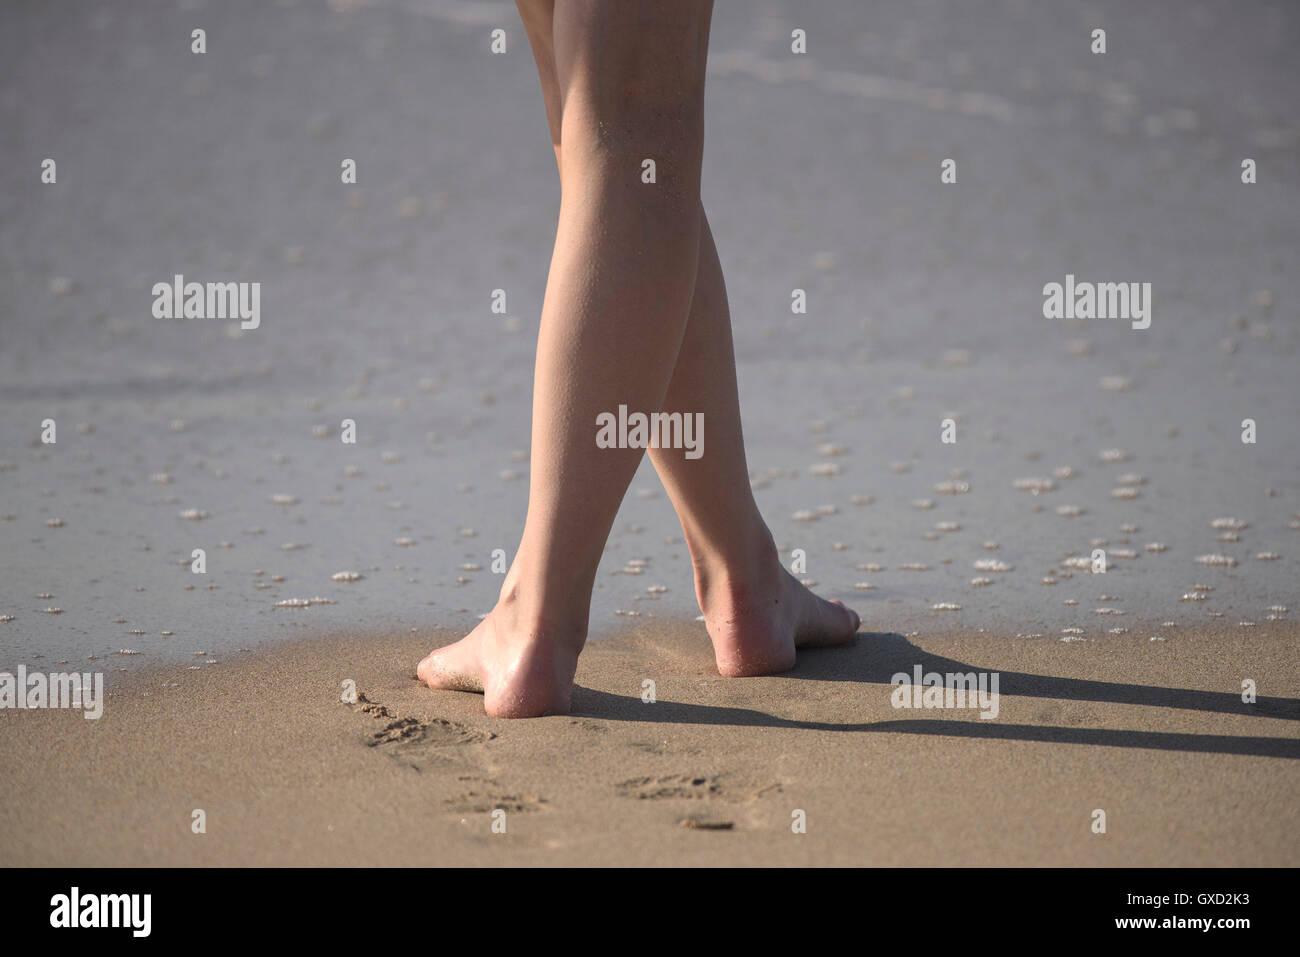 Les jambes nues sur une plage. Photo Stock